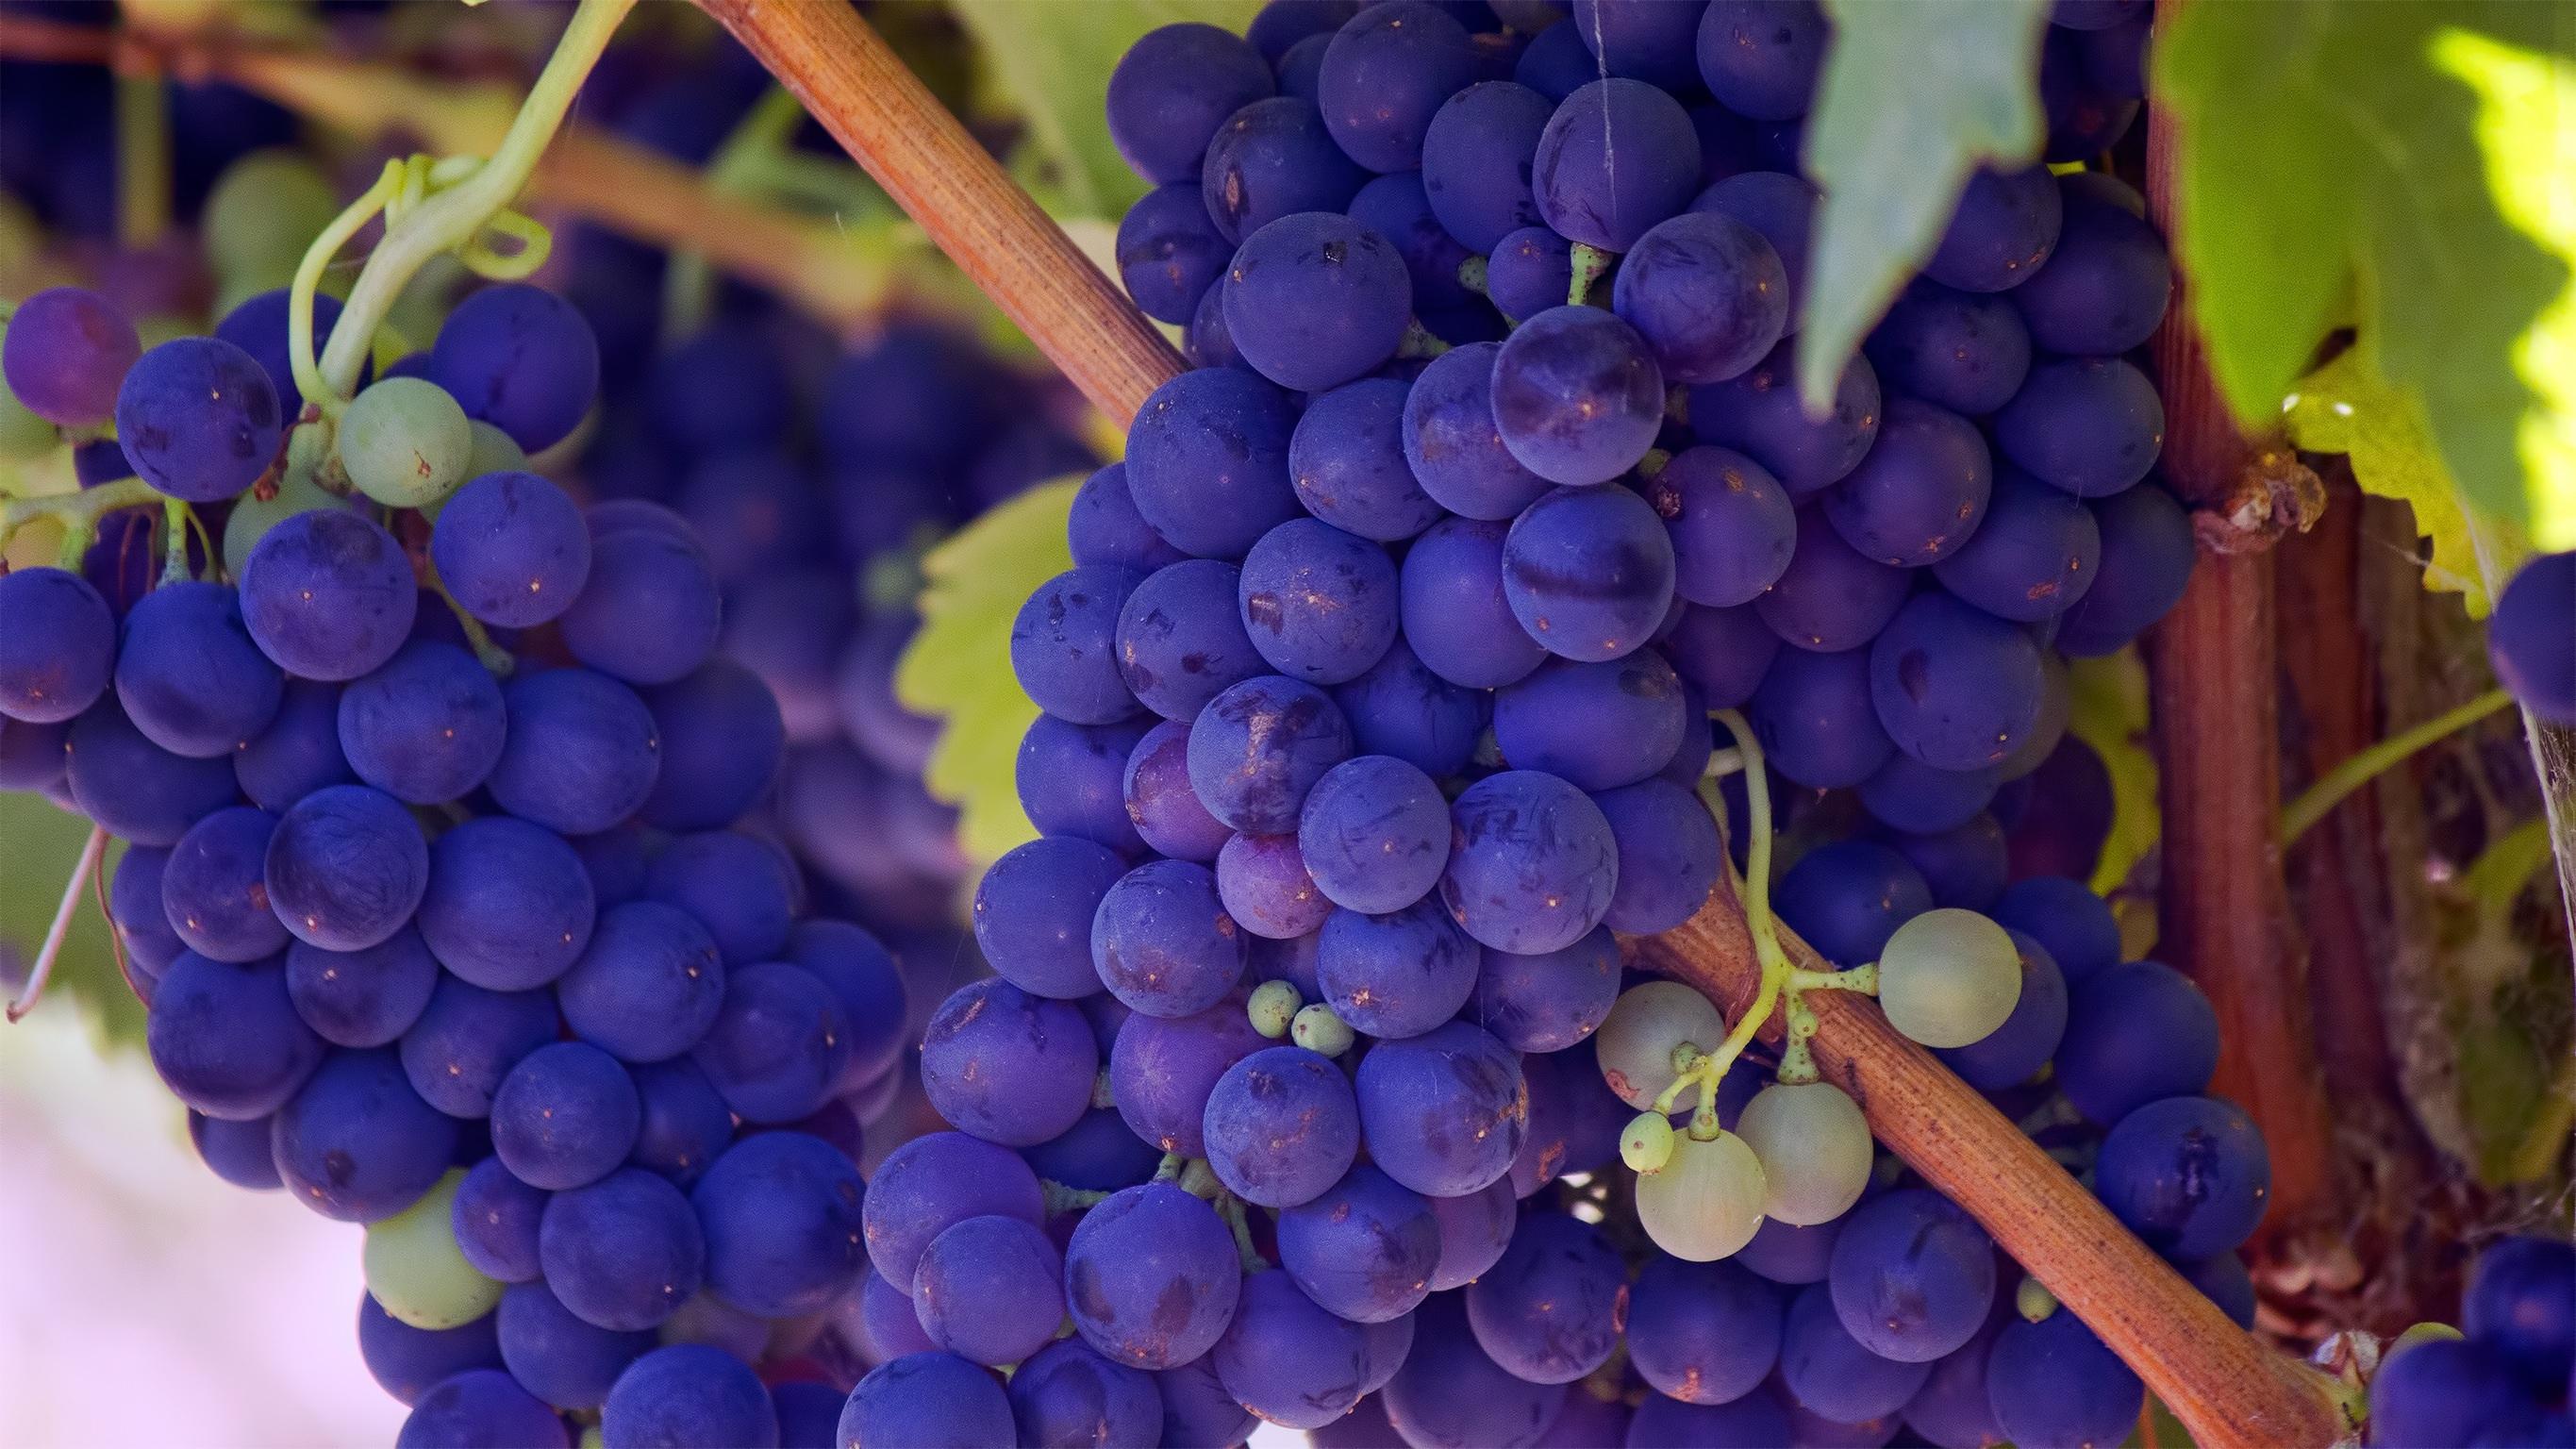 126876 скачать обои Виноград, Еда, Спелый, Ветки, Ягода, Лоза - заставки и картинки бесплатно